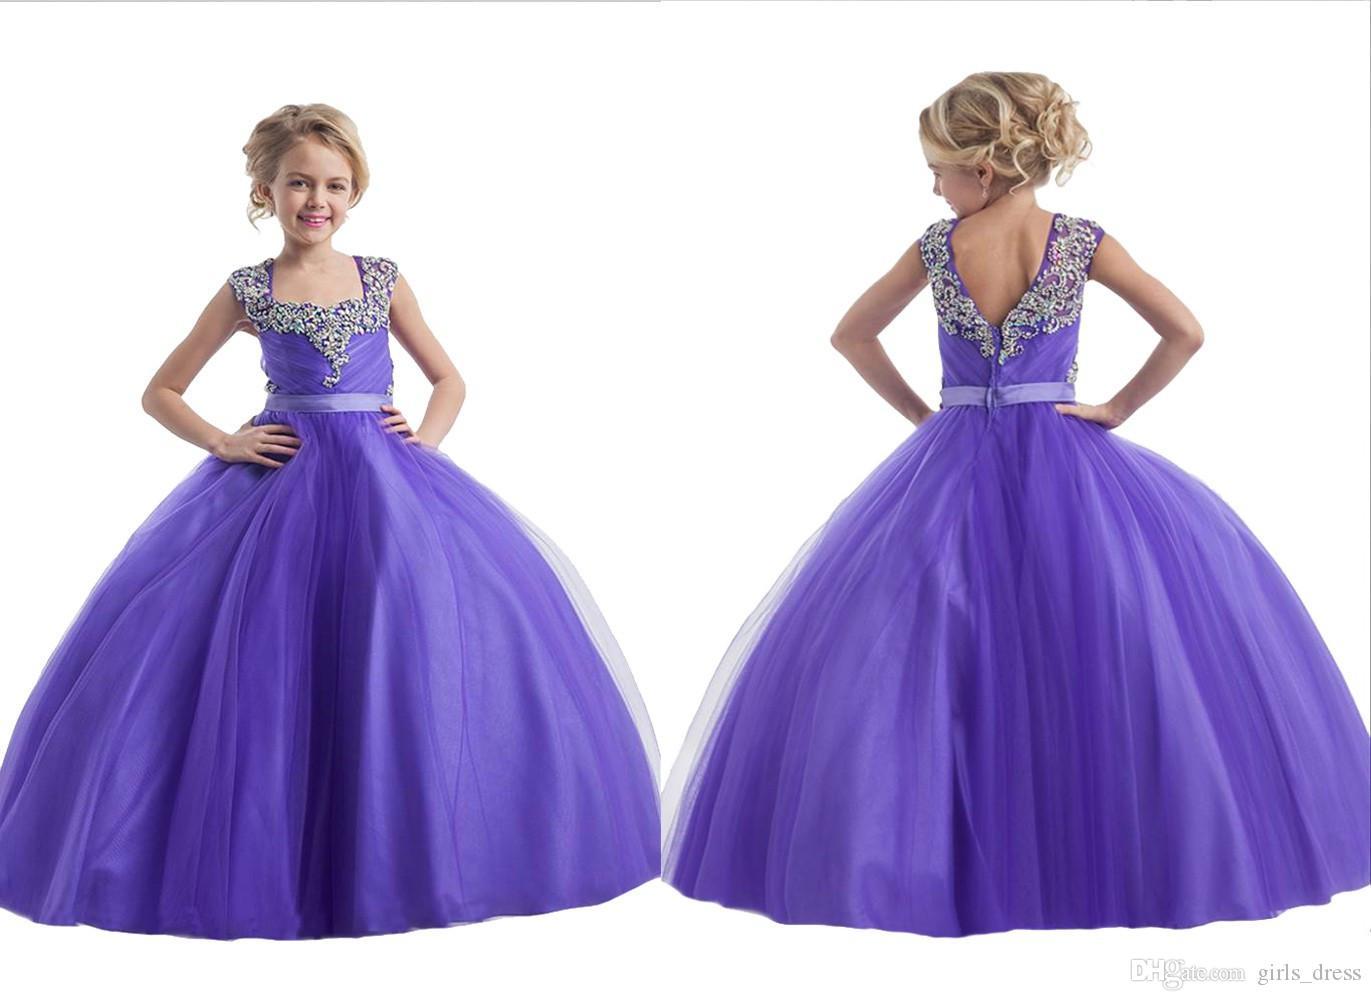 Compre Sweet 2016 Púrpura Girl Pageant Vestido Kid Glitz Ball Gowns ...